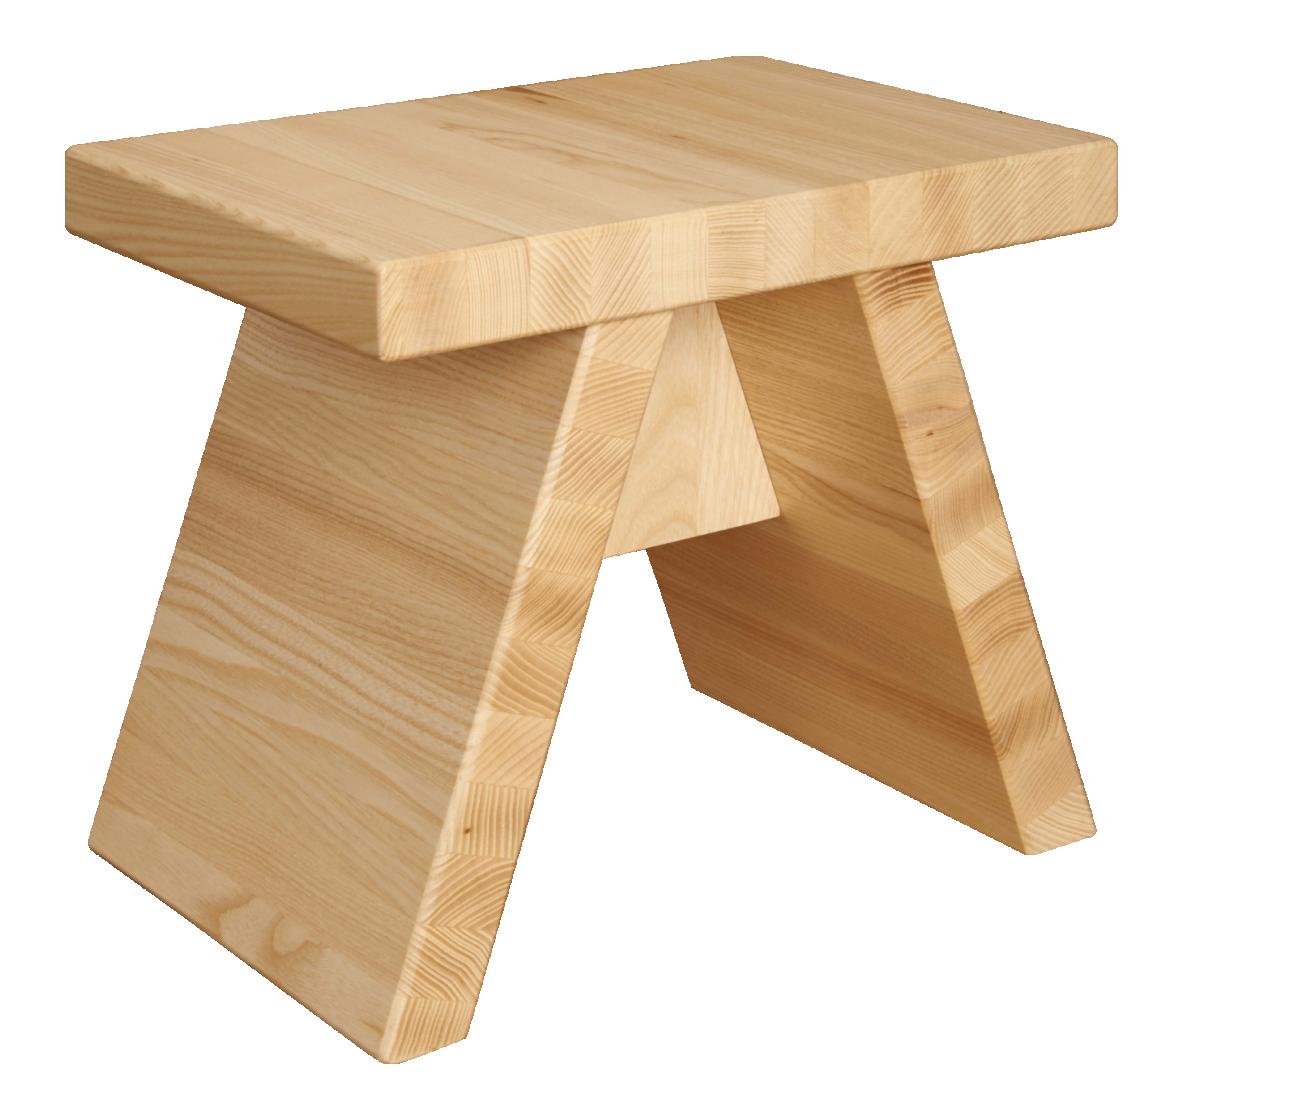 habitat tabouret japonais 79 20 projet pinterest tabouret japonais et bancs. Black Bedroom Furniture Sets. Home Design Ideas